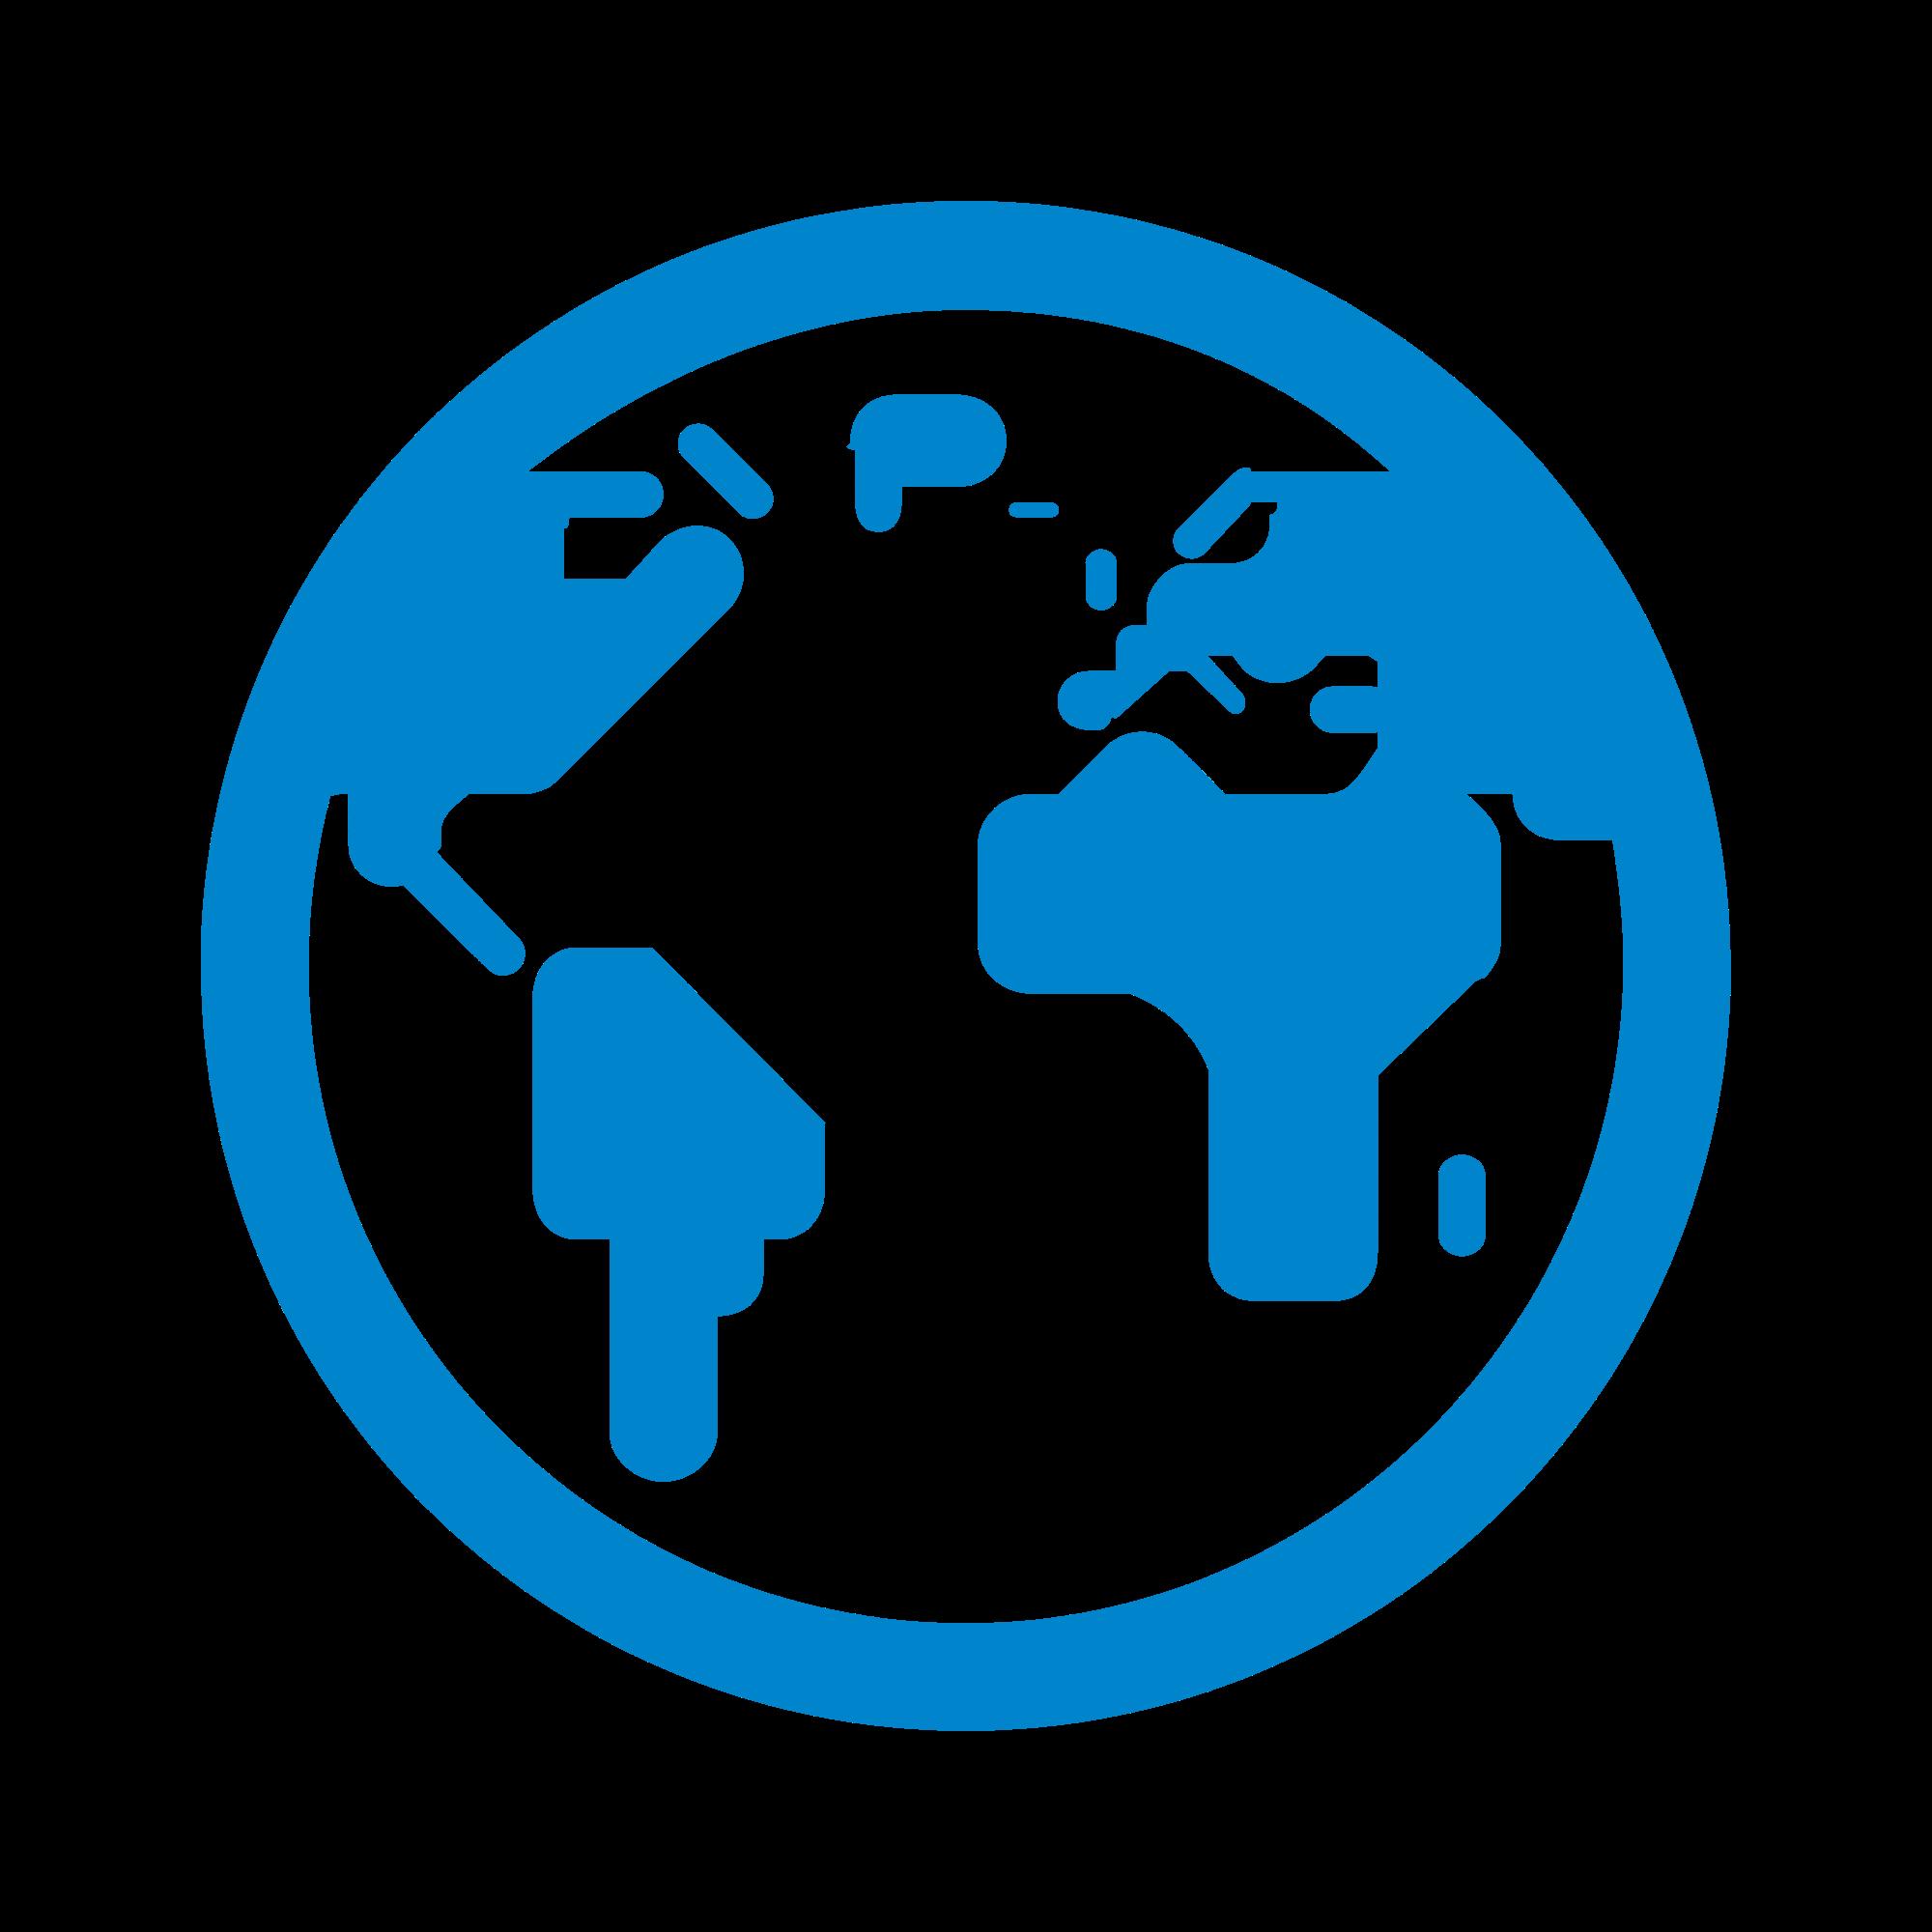 logo (75).png